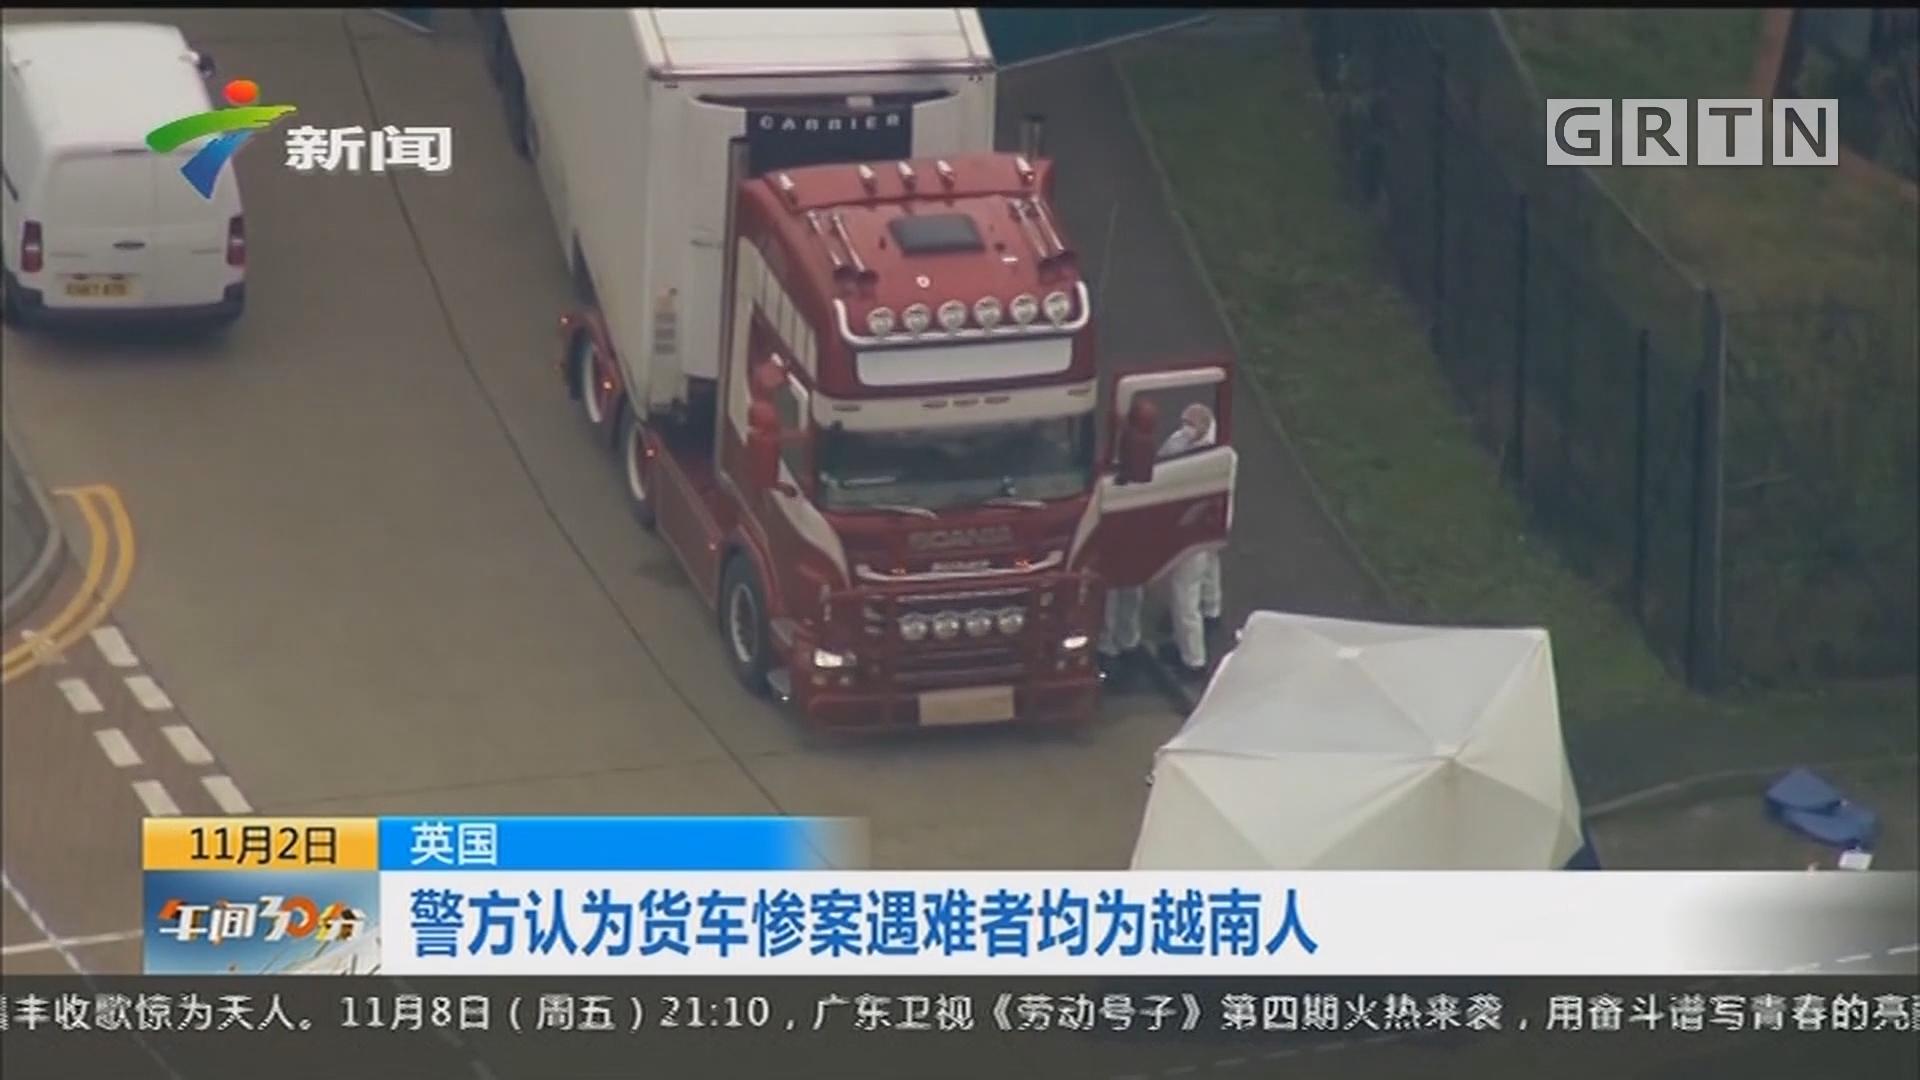 英国:警方认为货车惨案遇难者均为越南人